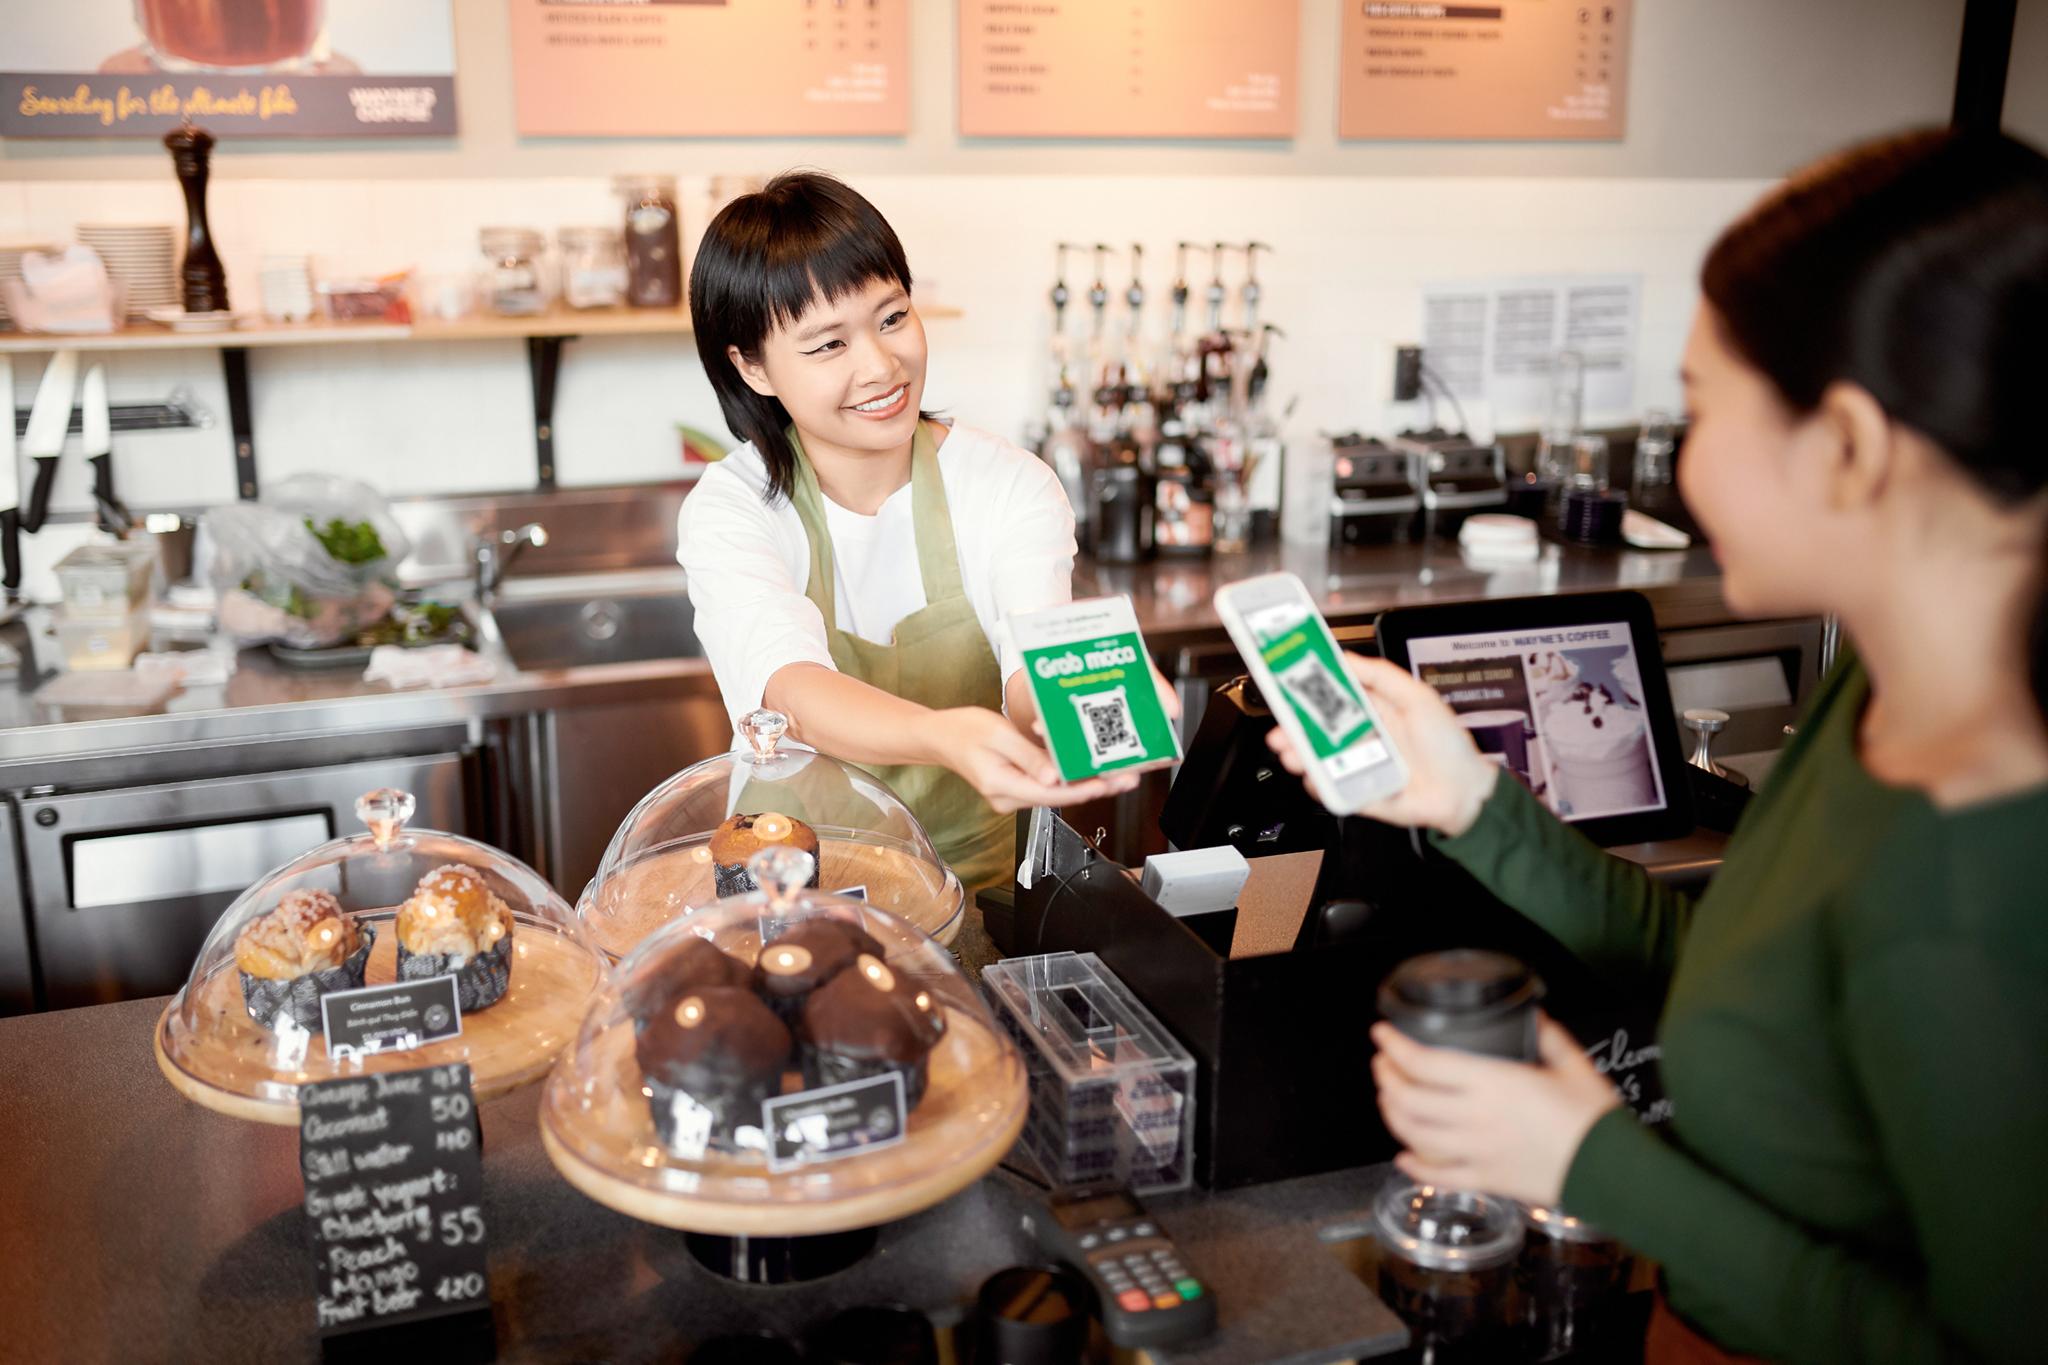 Grab và Moca tung chương trình Thứ Năm Không Tiền Mặt, khuyến khích người dùng thanh toán không dùng tiền mặt trong dịch Covid-19